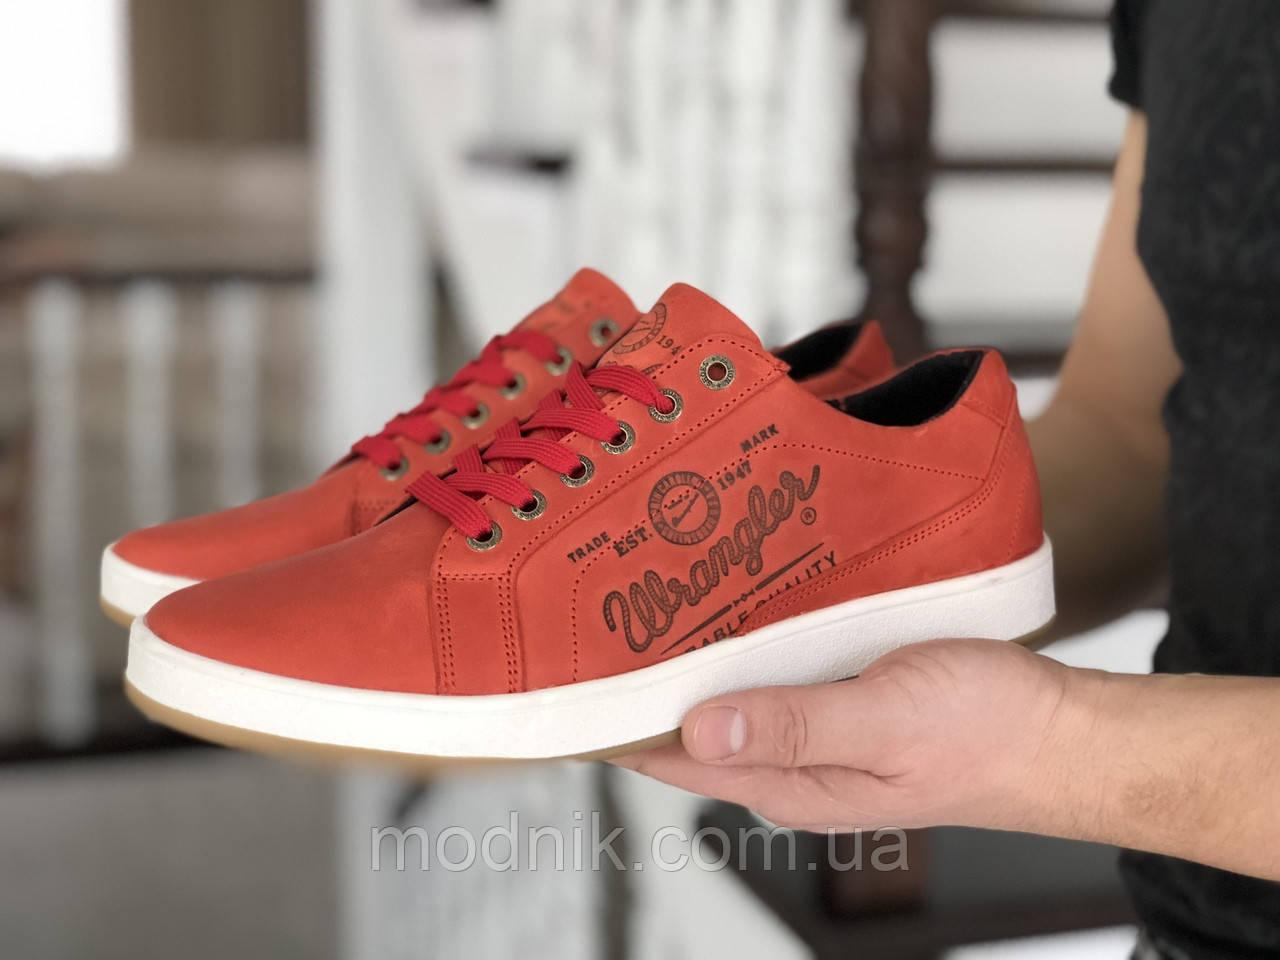 Мужские кроссовки Wrangler (теракотовые) 9089